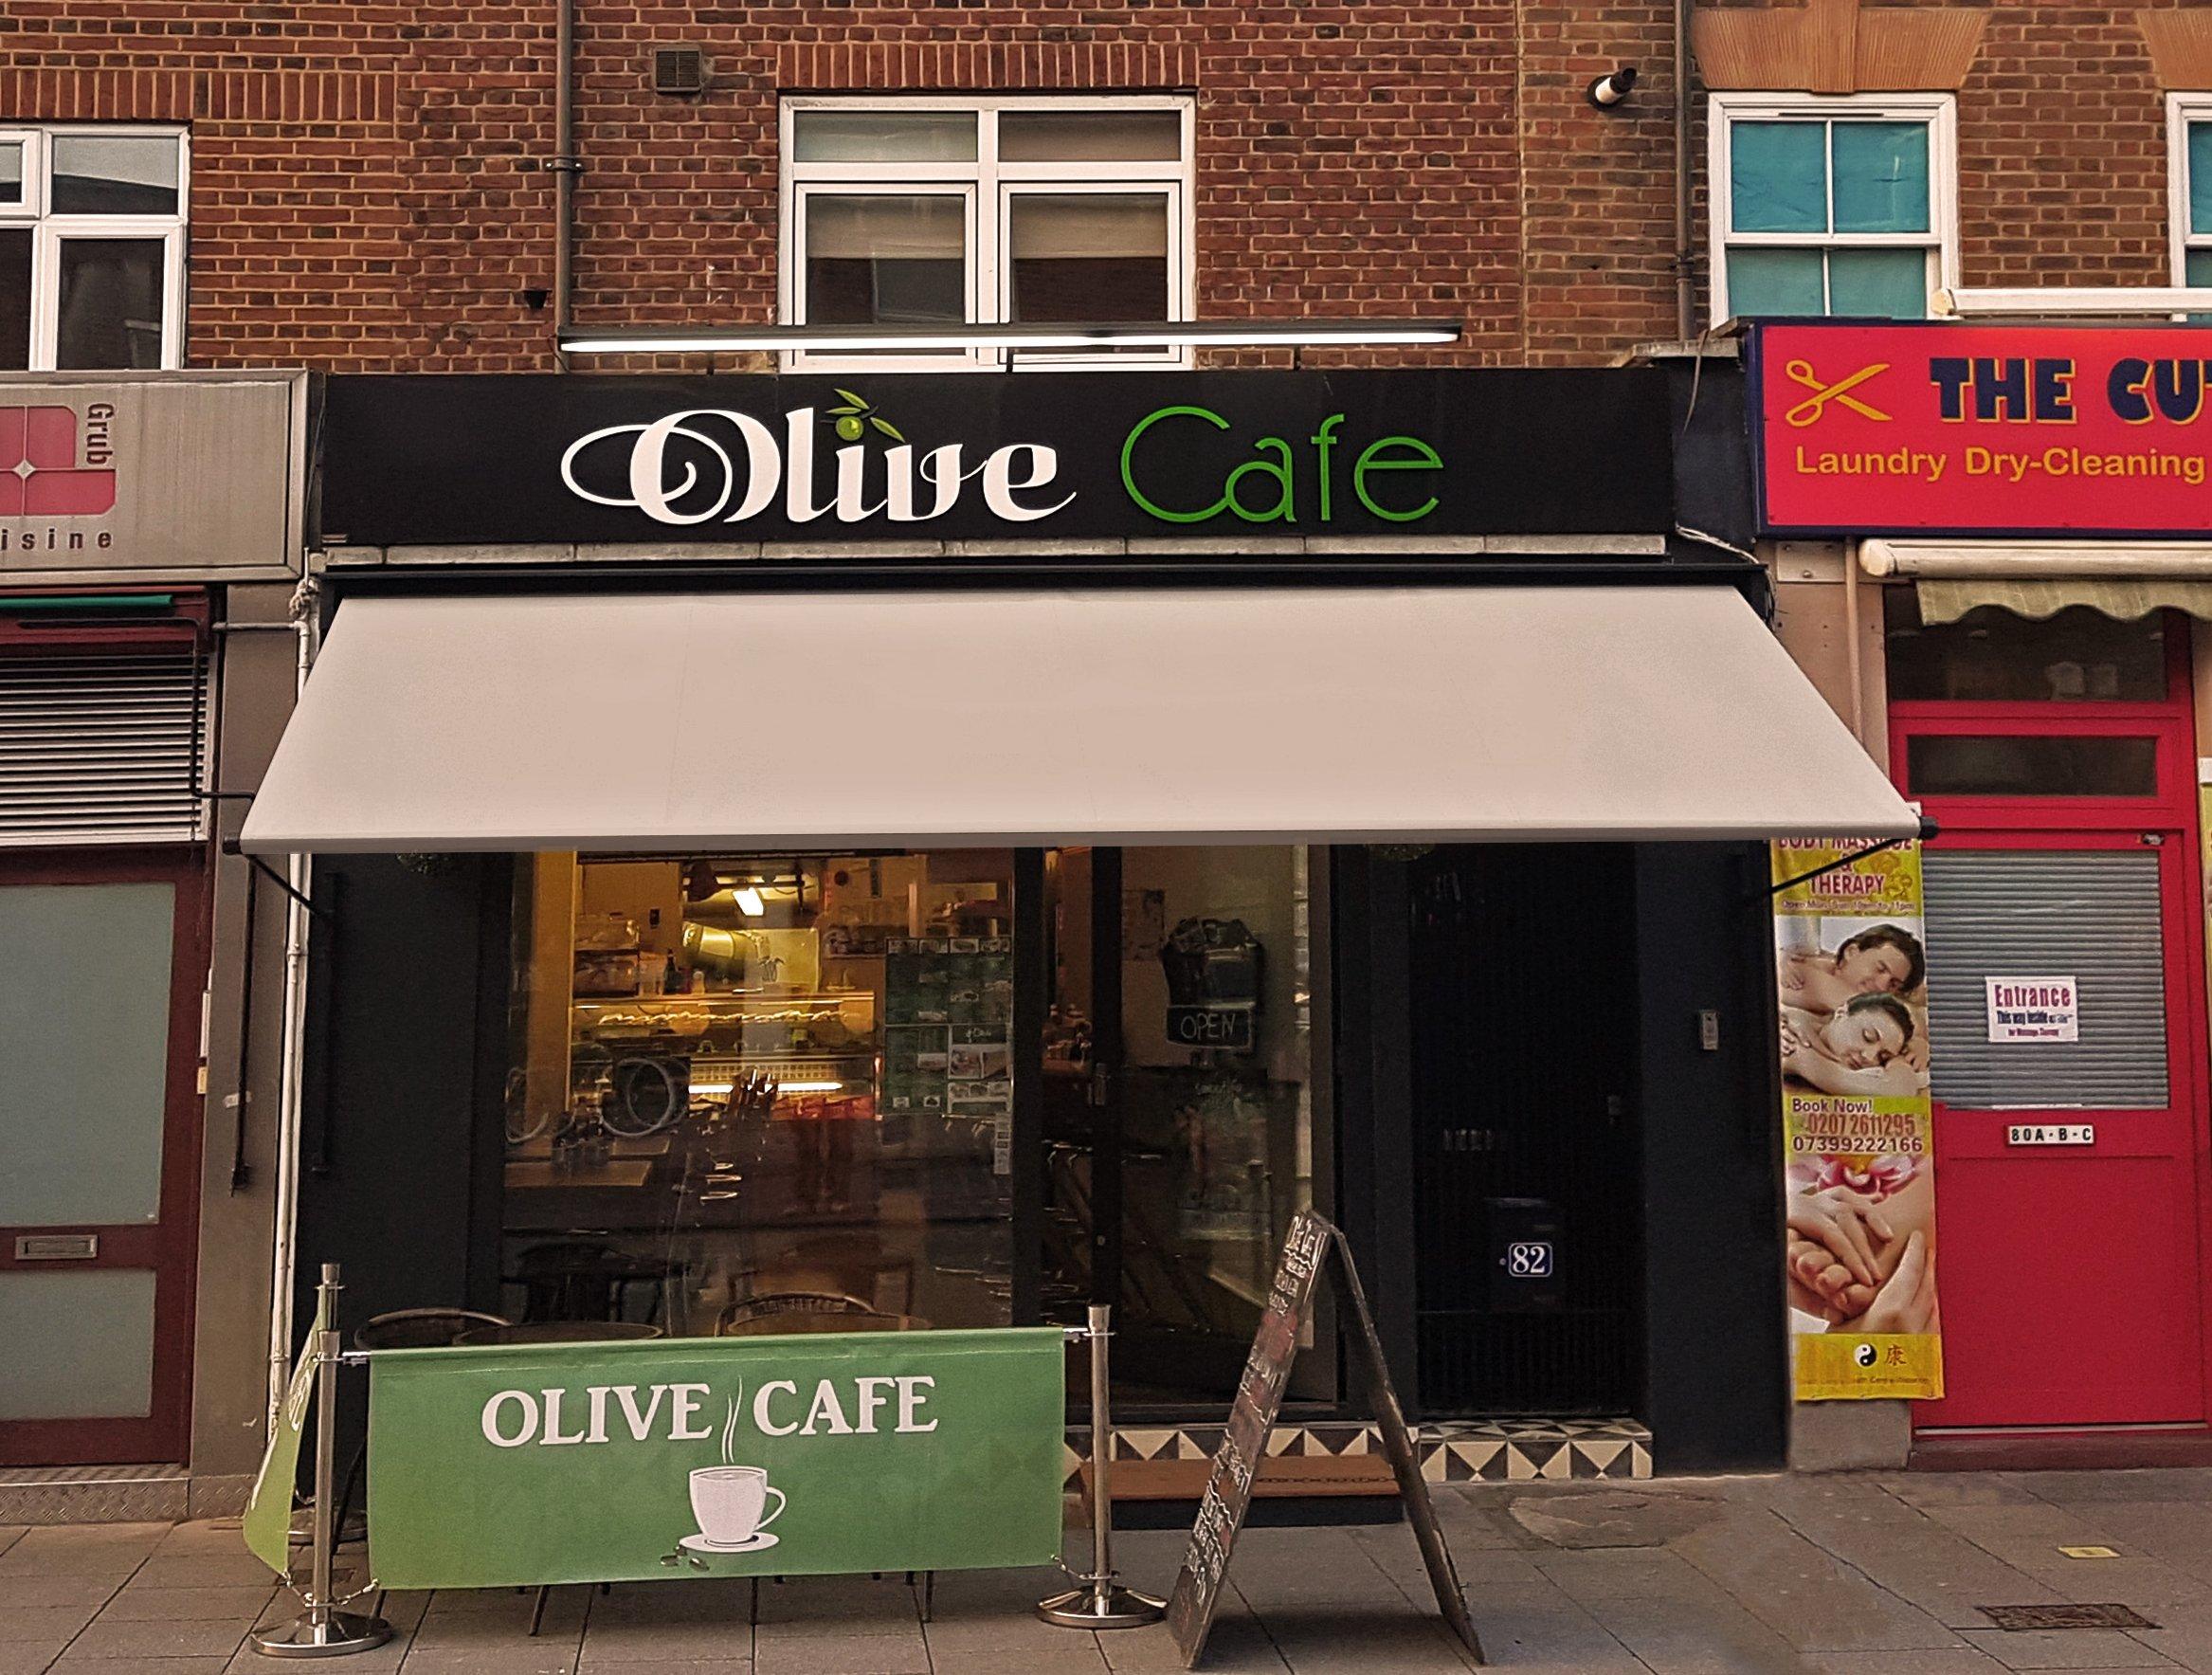 Olive cafe awning